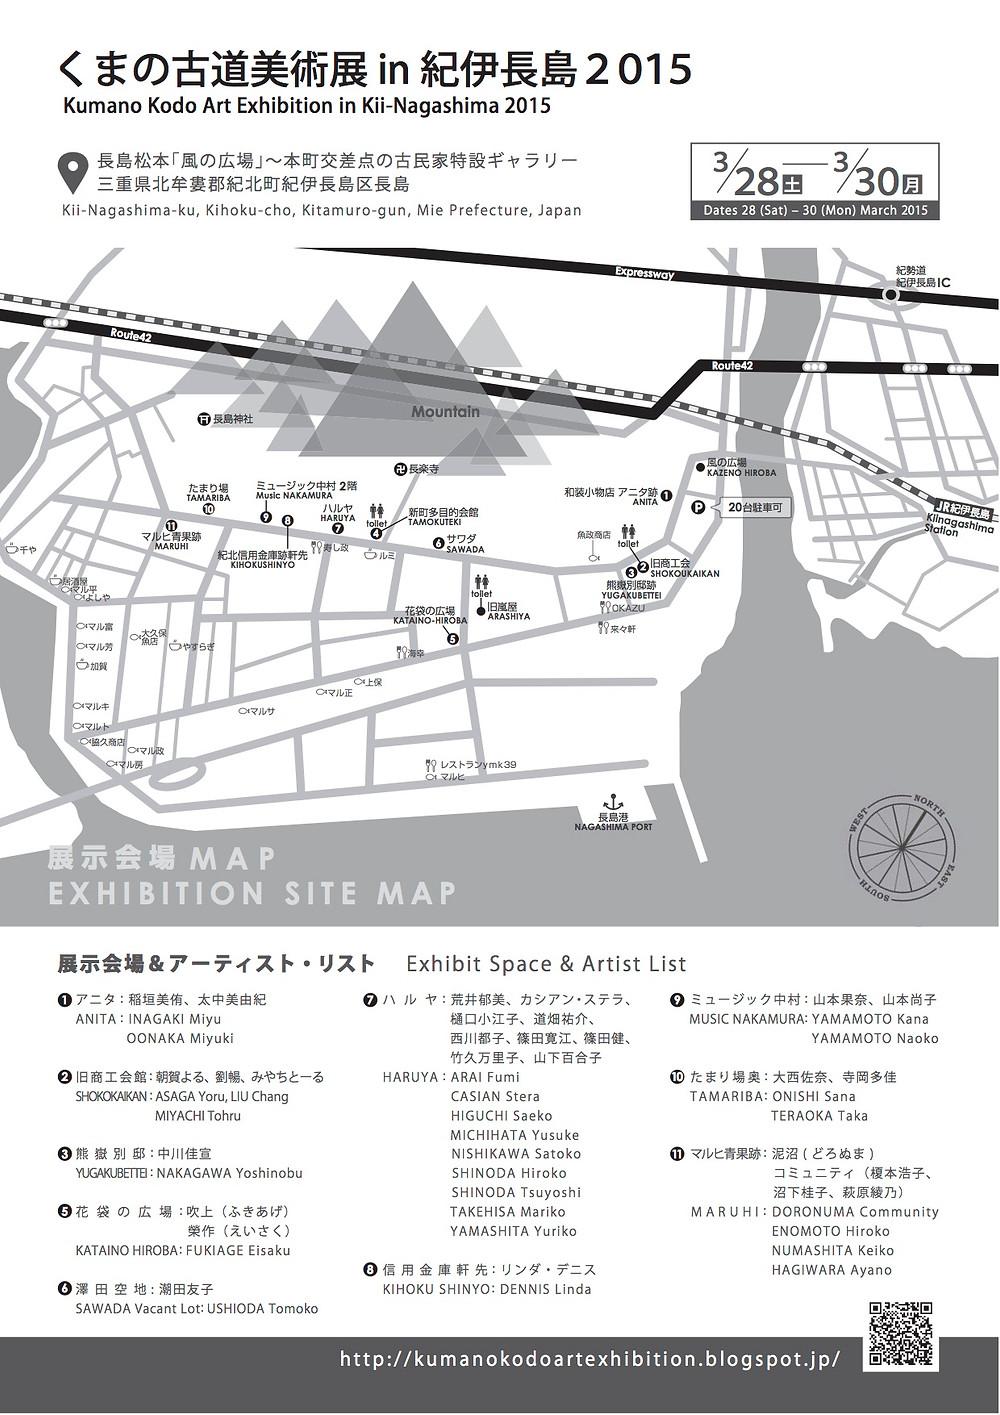 展示MAPバイリンガル_Final のコピー.jpg